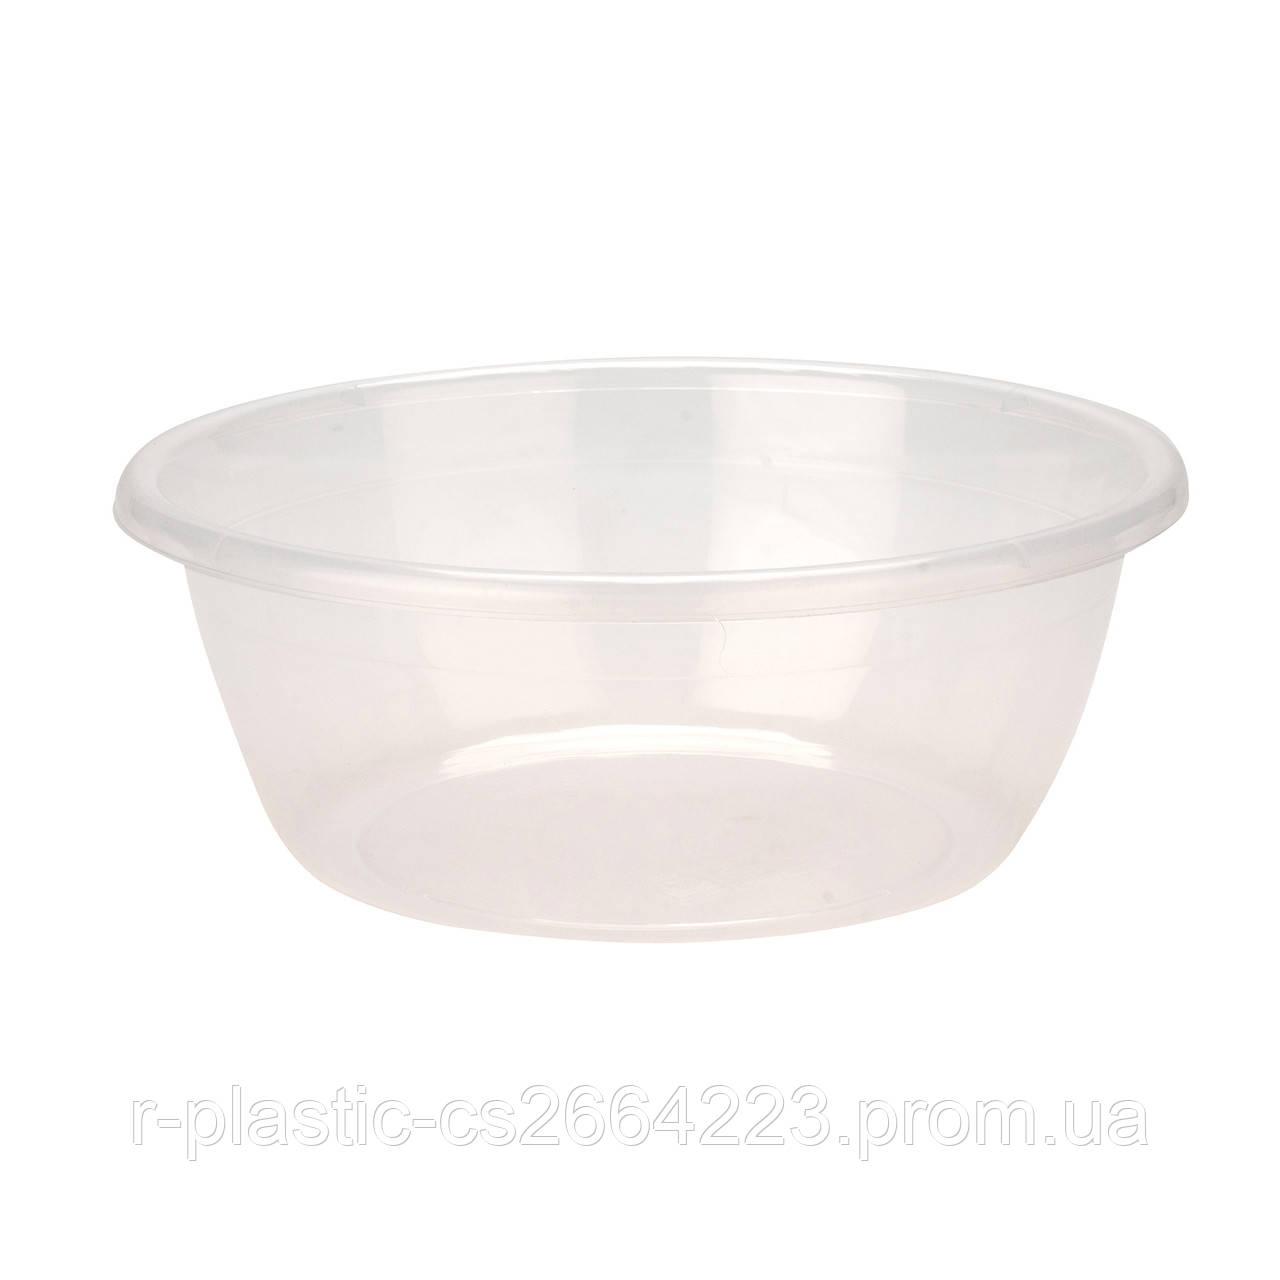 Миска R-Plastic прозрачная 4,5л белая